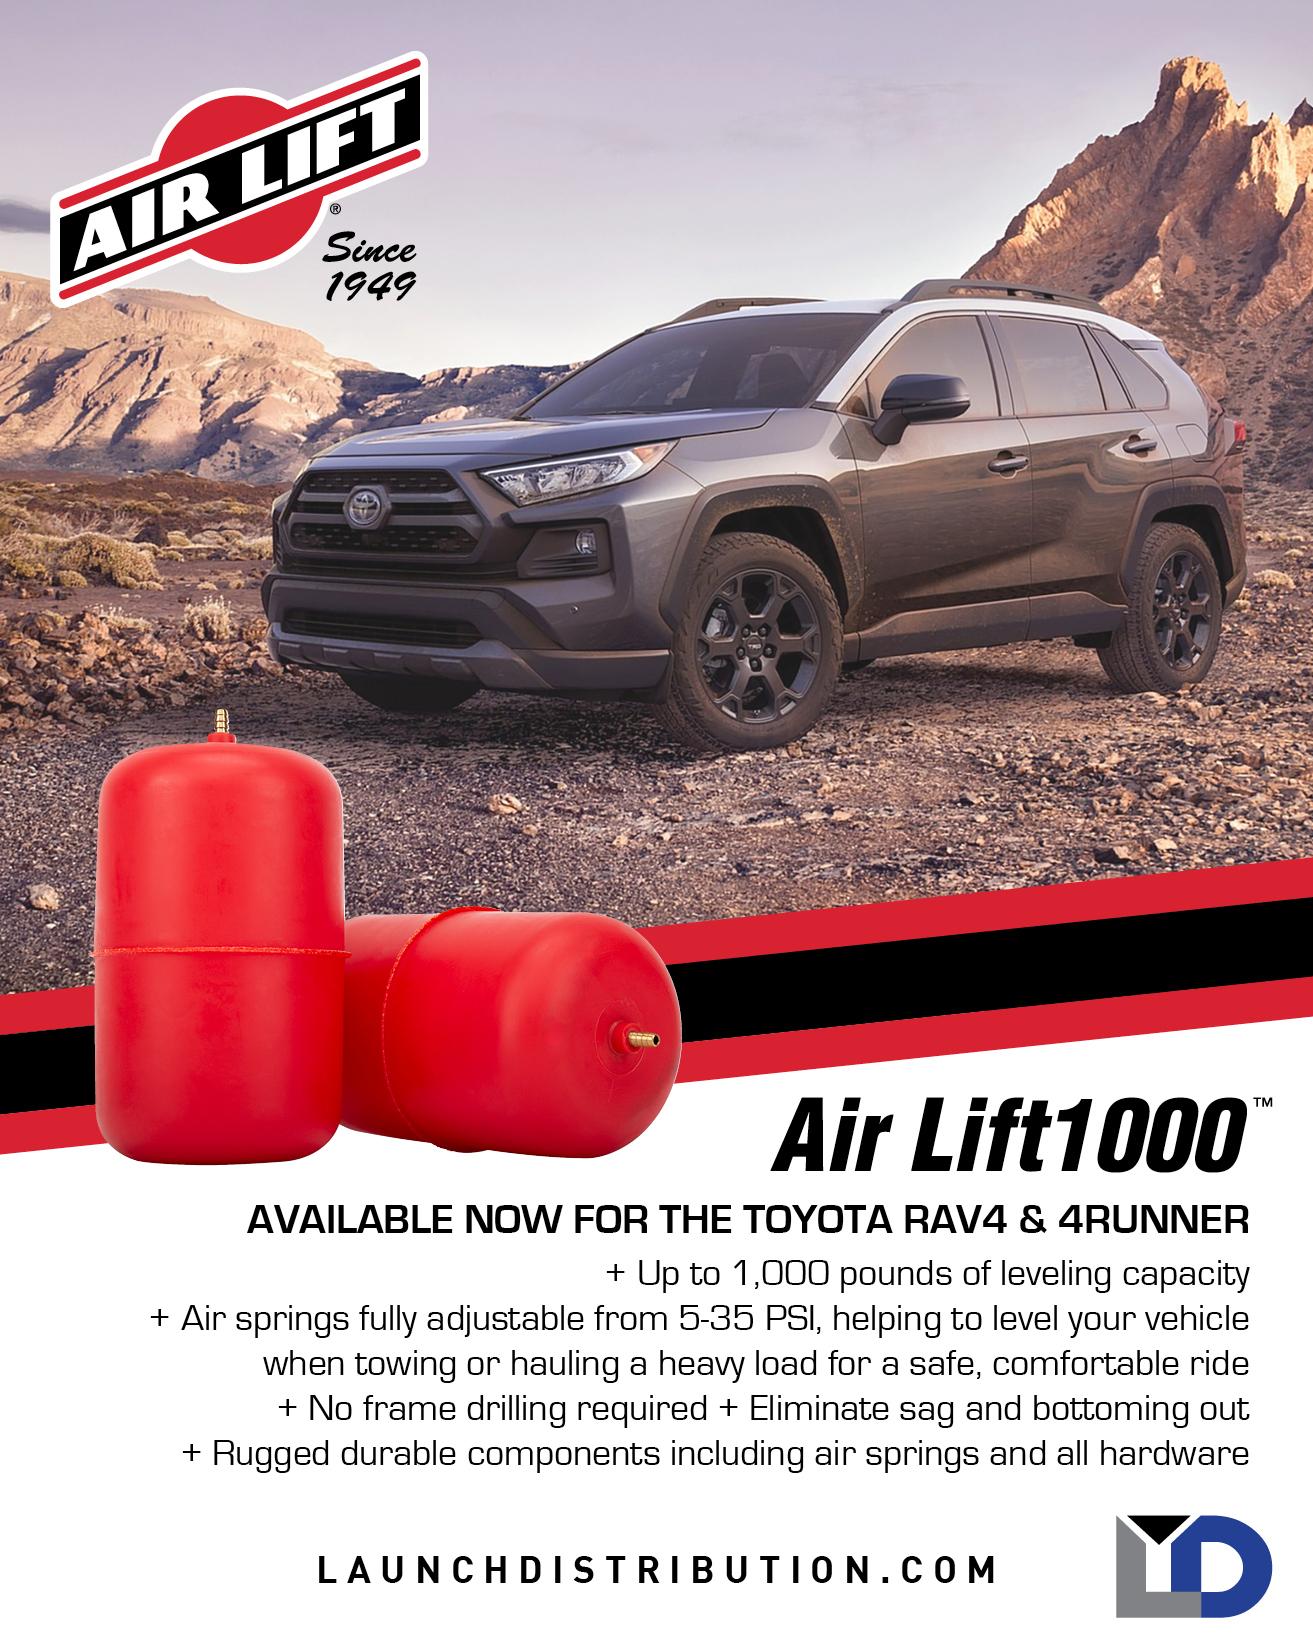 Air Lift 1000 Series Kit for Toyota RAV4 and 4Runner